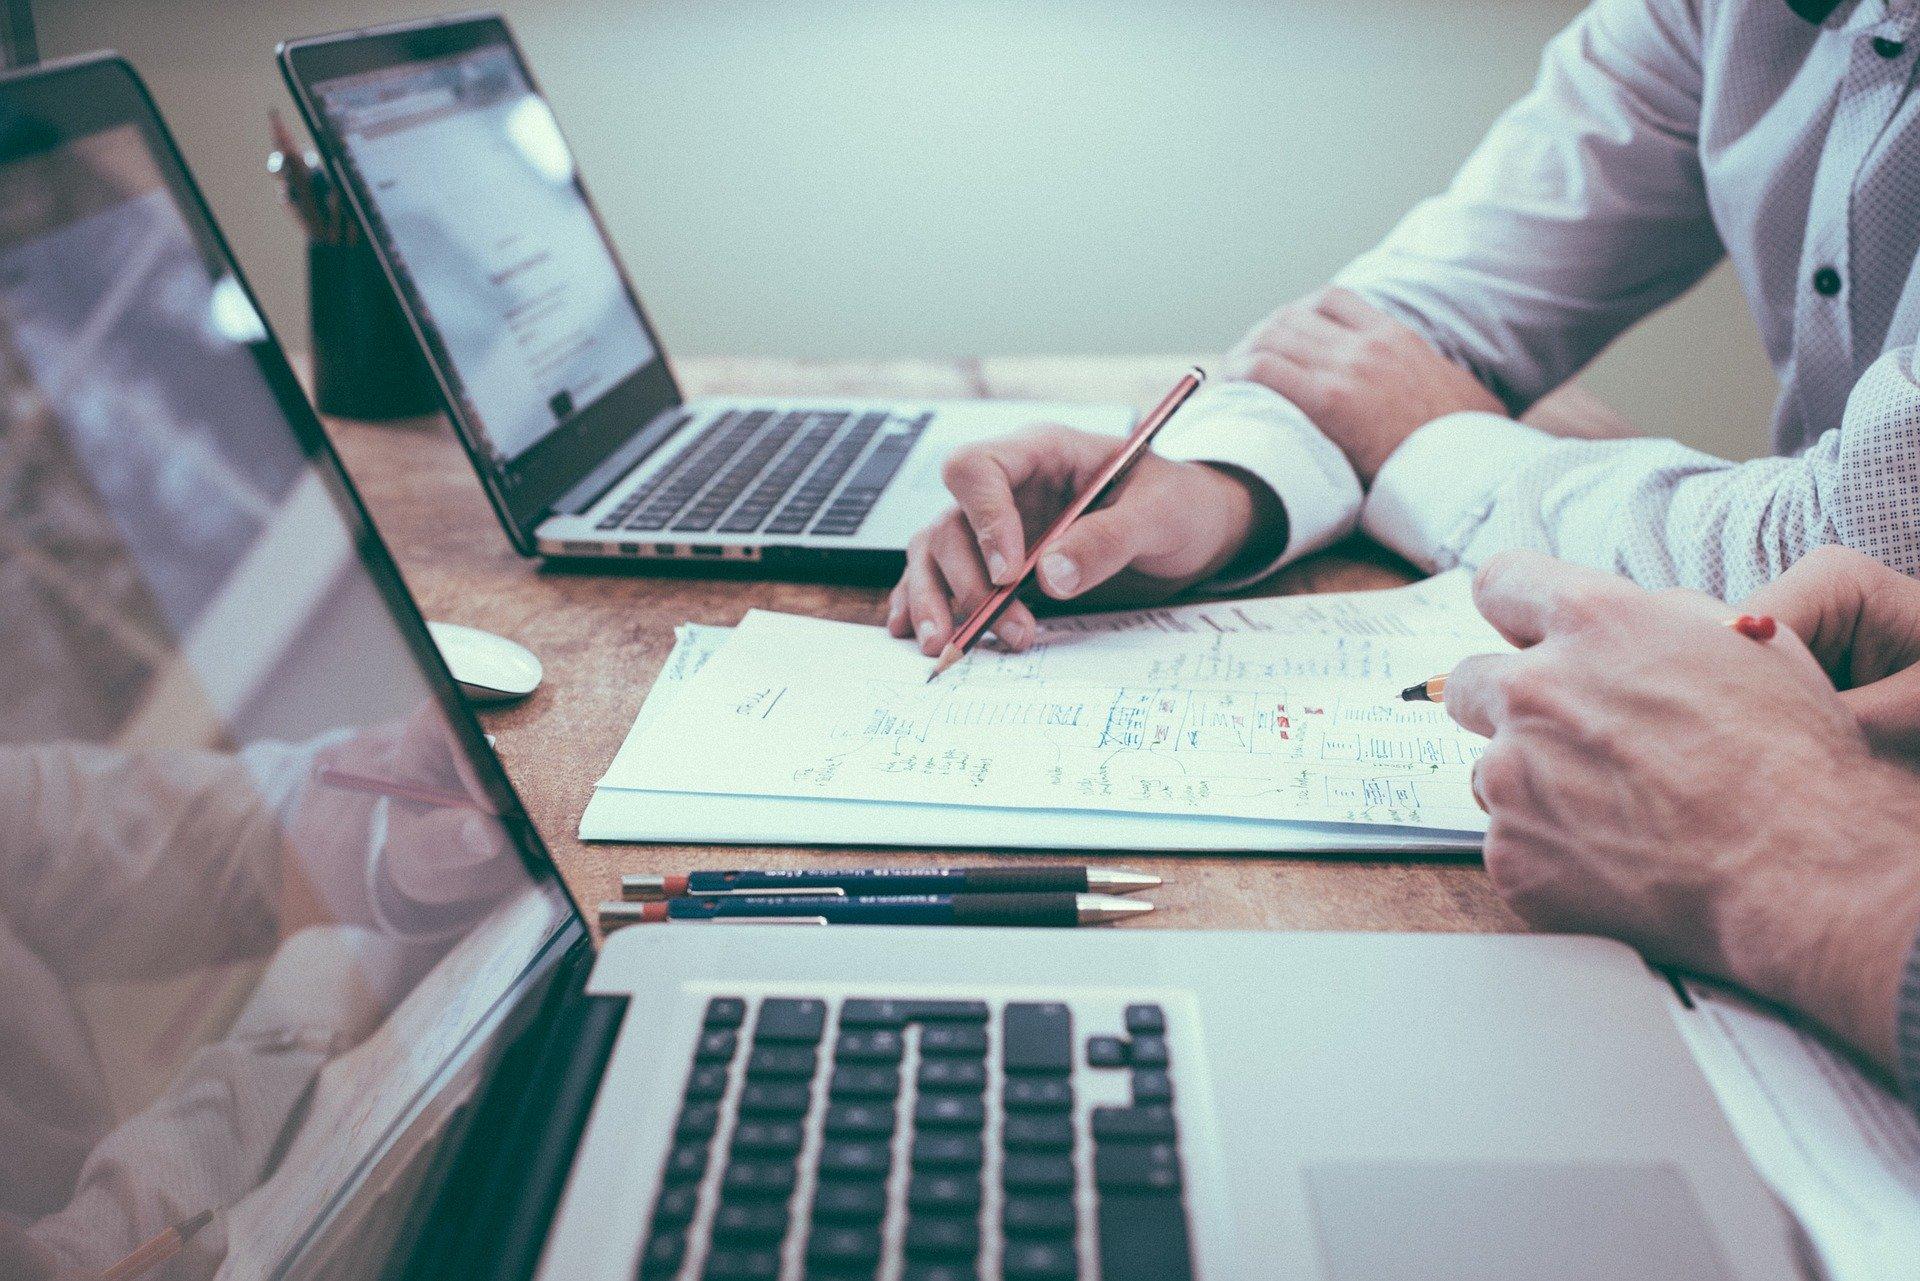 総合商社のインターンに参加したい!選考通過の3つのコツと内容を経験者が解説!